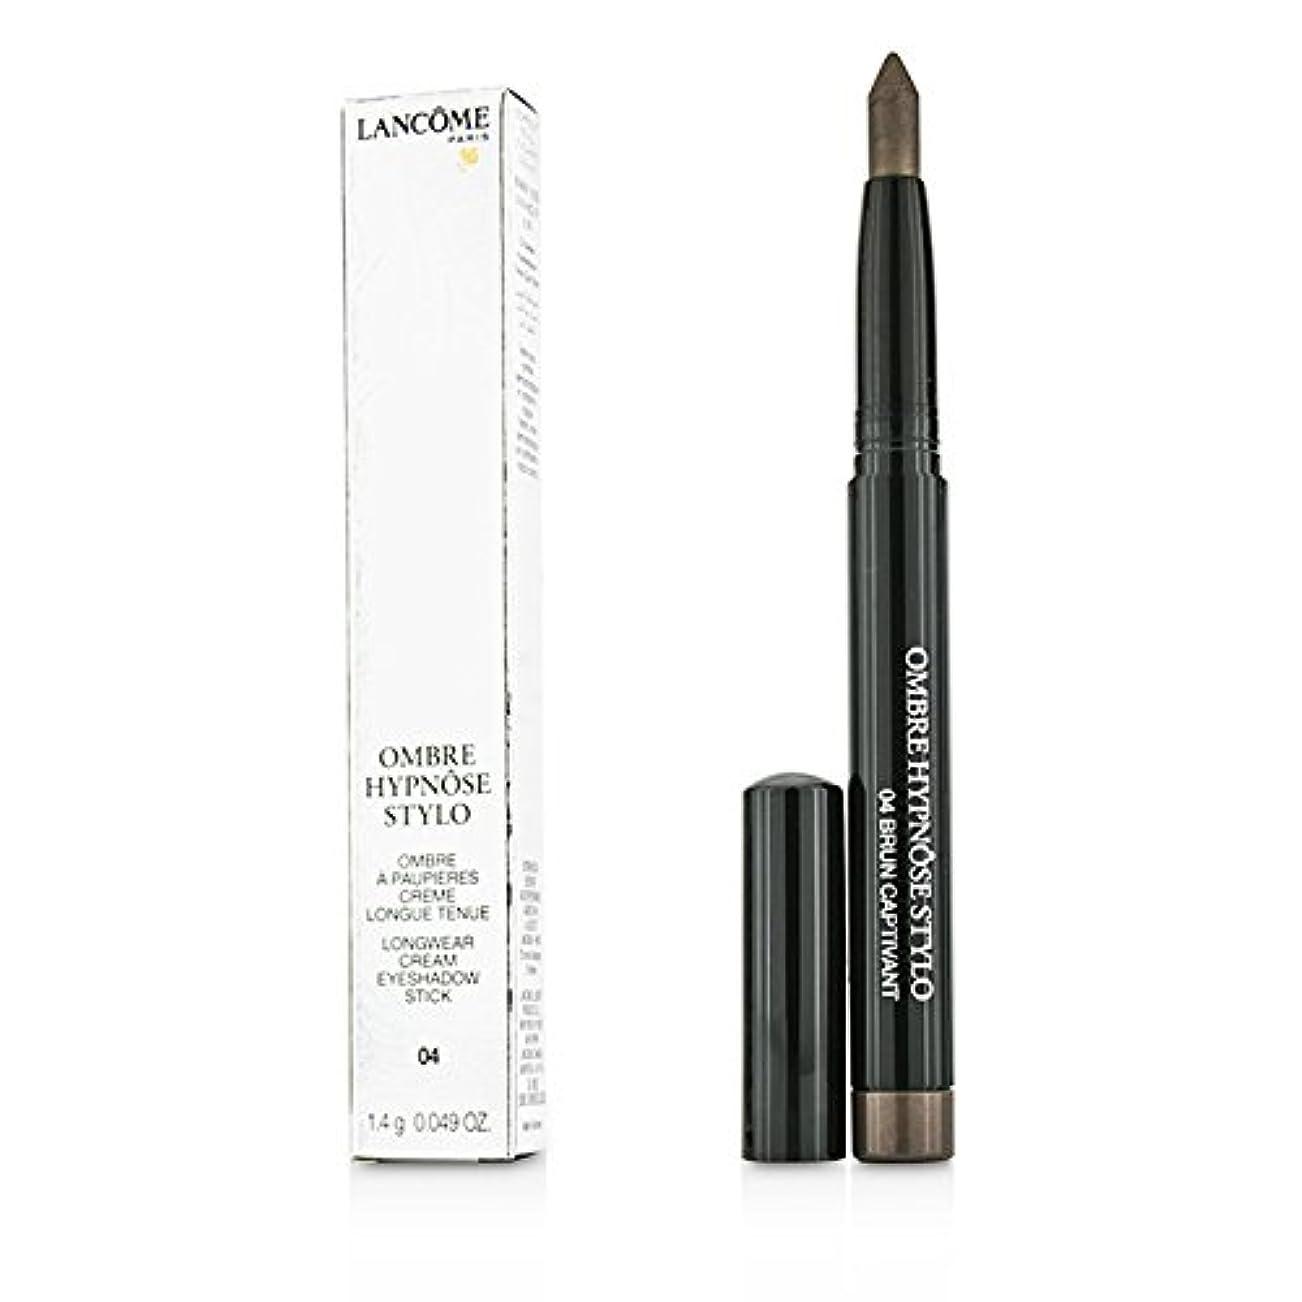 二幻想的アロングランコム Ombre Hypnose Stylo Longwear Cream Eyeshadow Stick - # 04 Brun Captivant 1.4g/0.049oz並行輸入品